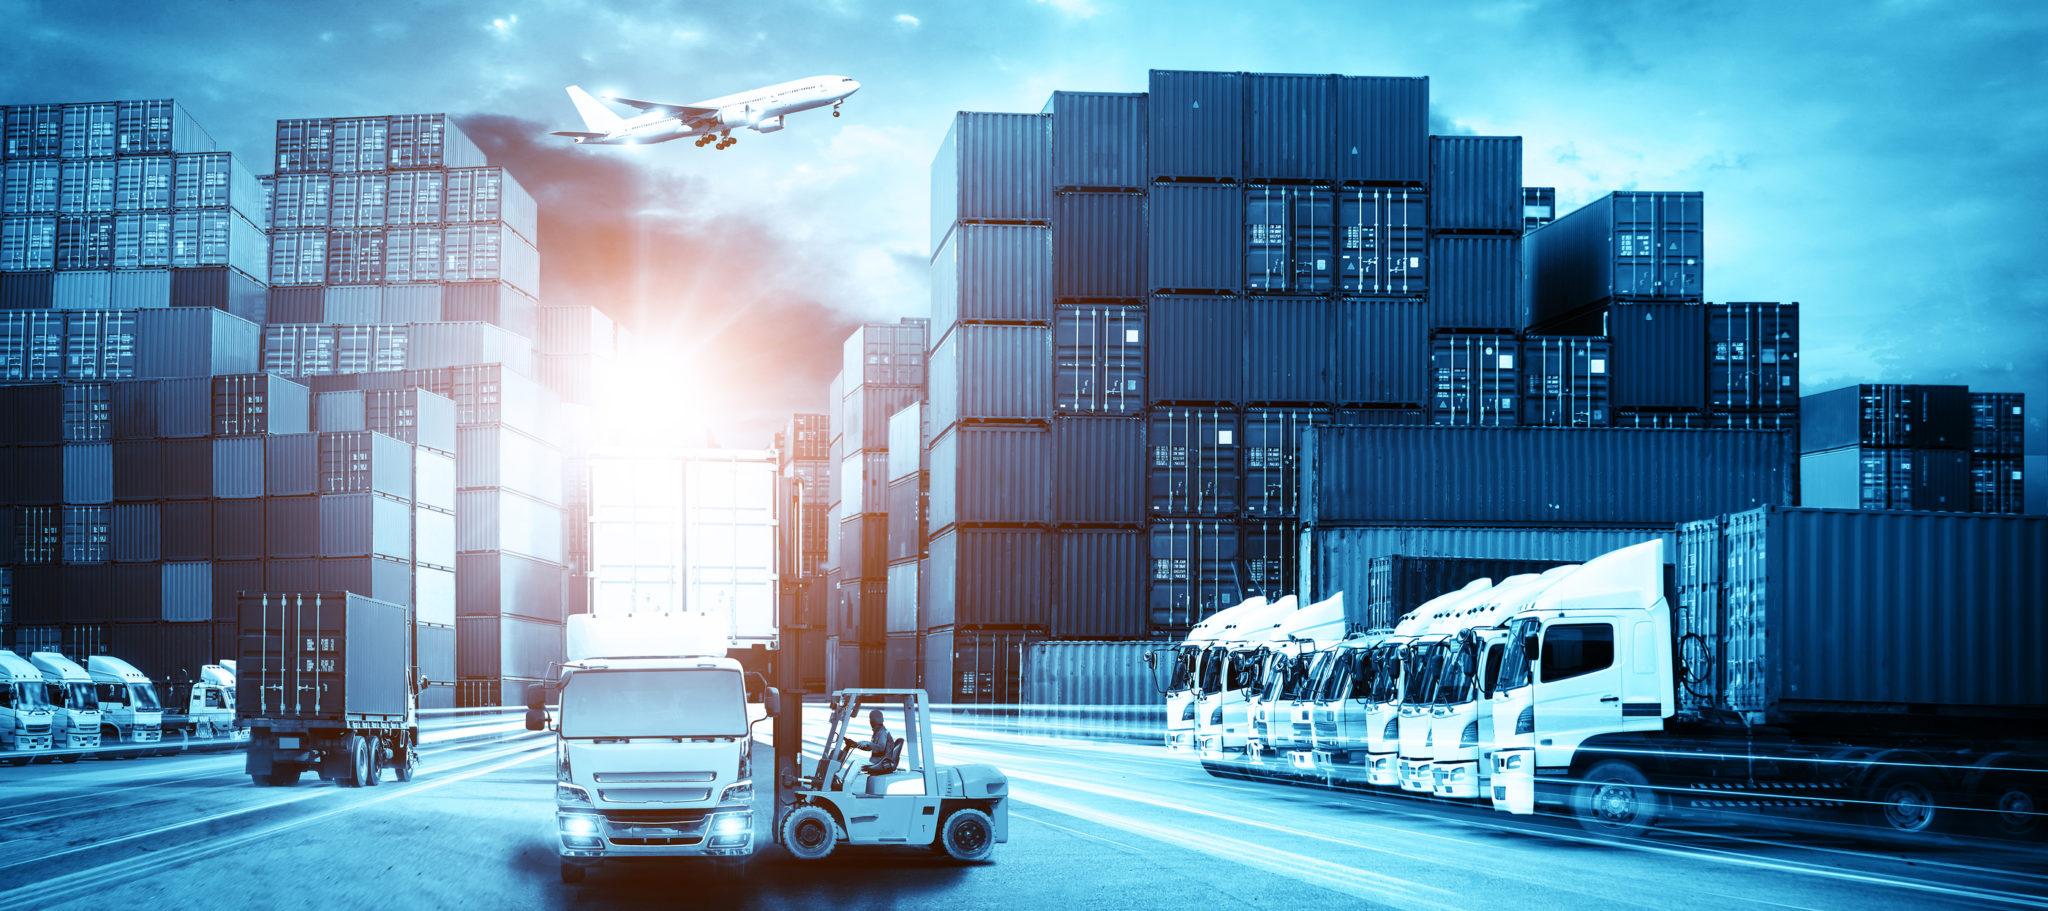 Le coût moyen d'une cyberattaque dans l'industrie du transport et de la logistique est de 1,15 million de dollars pour les grandes organisations.